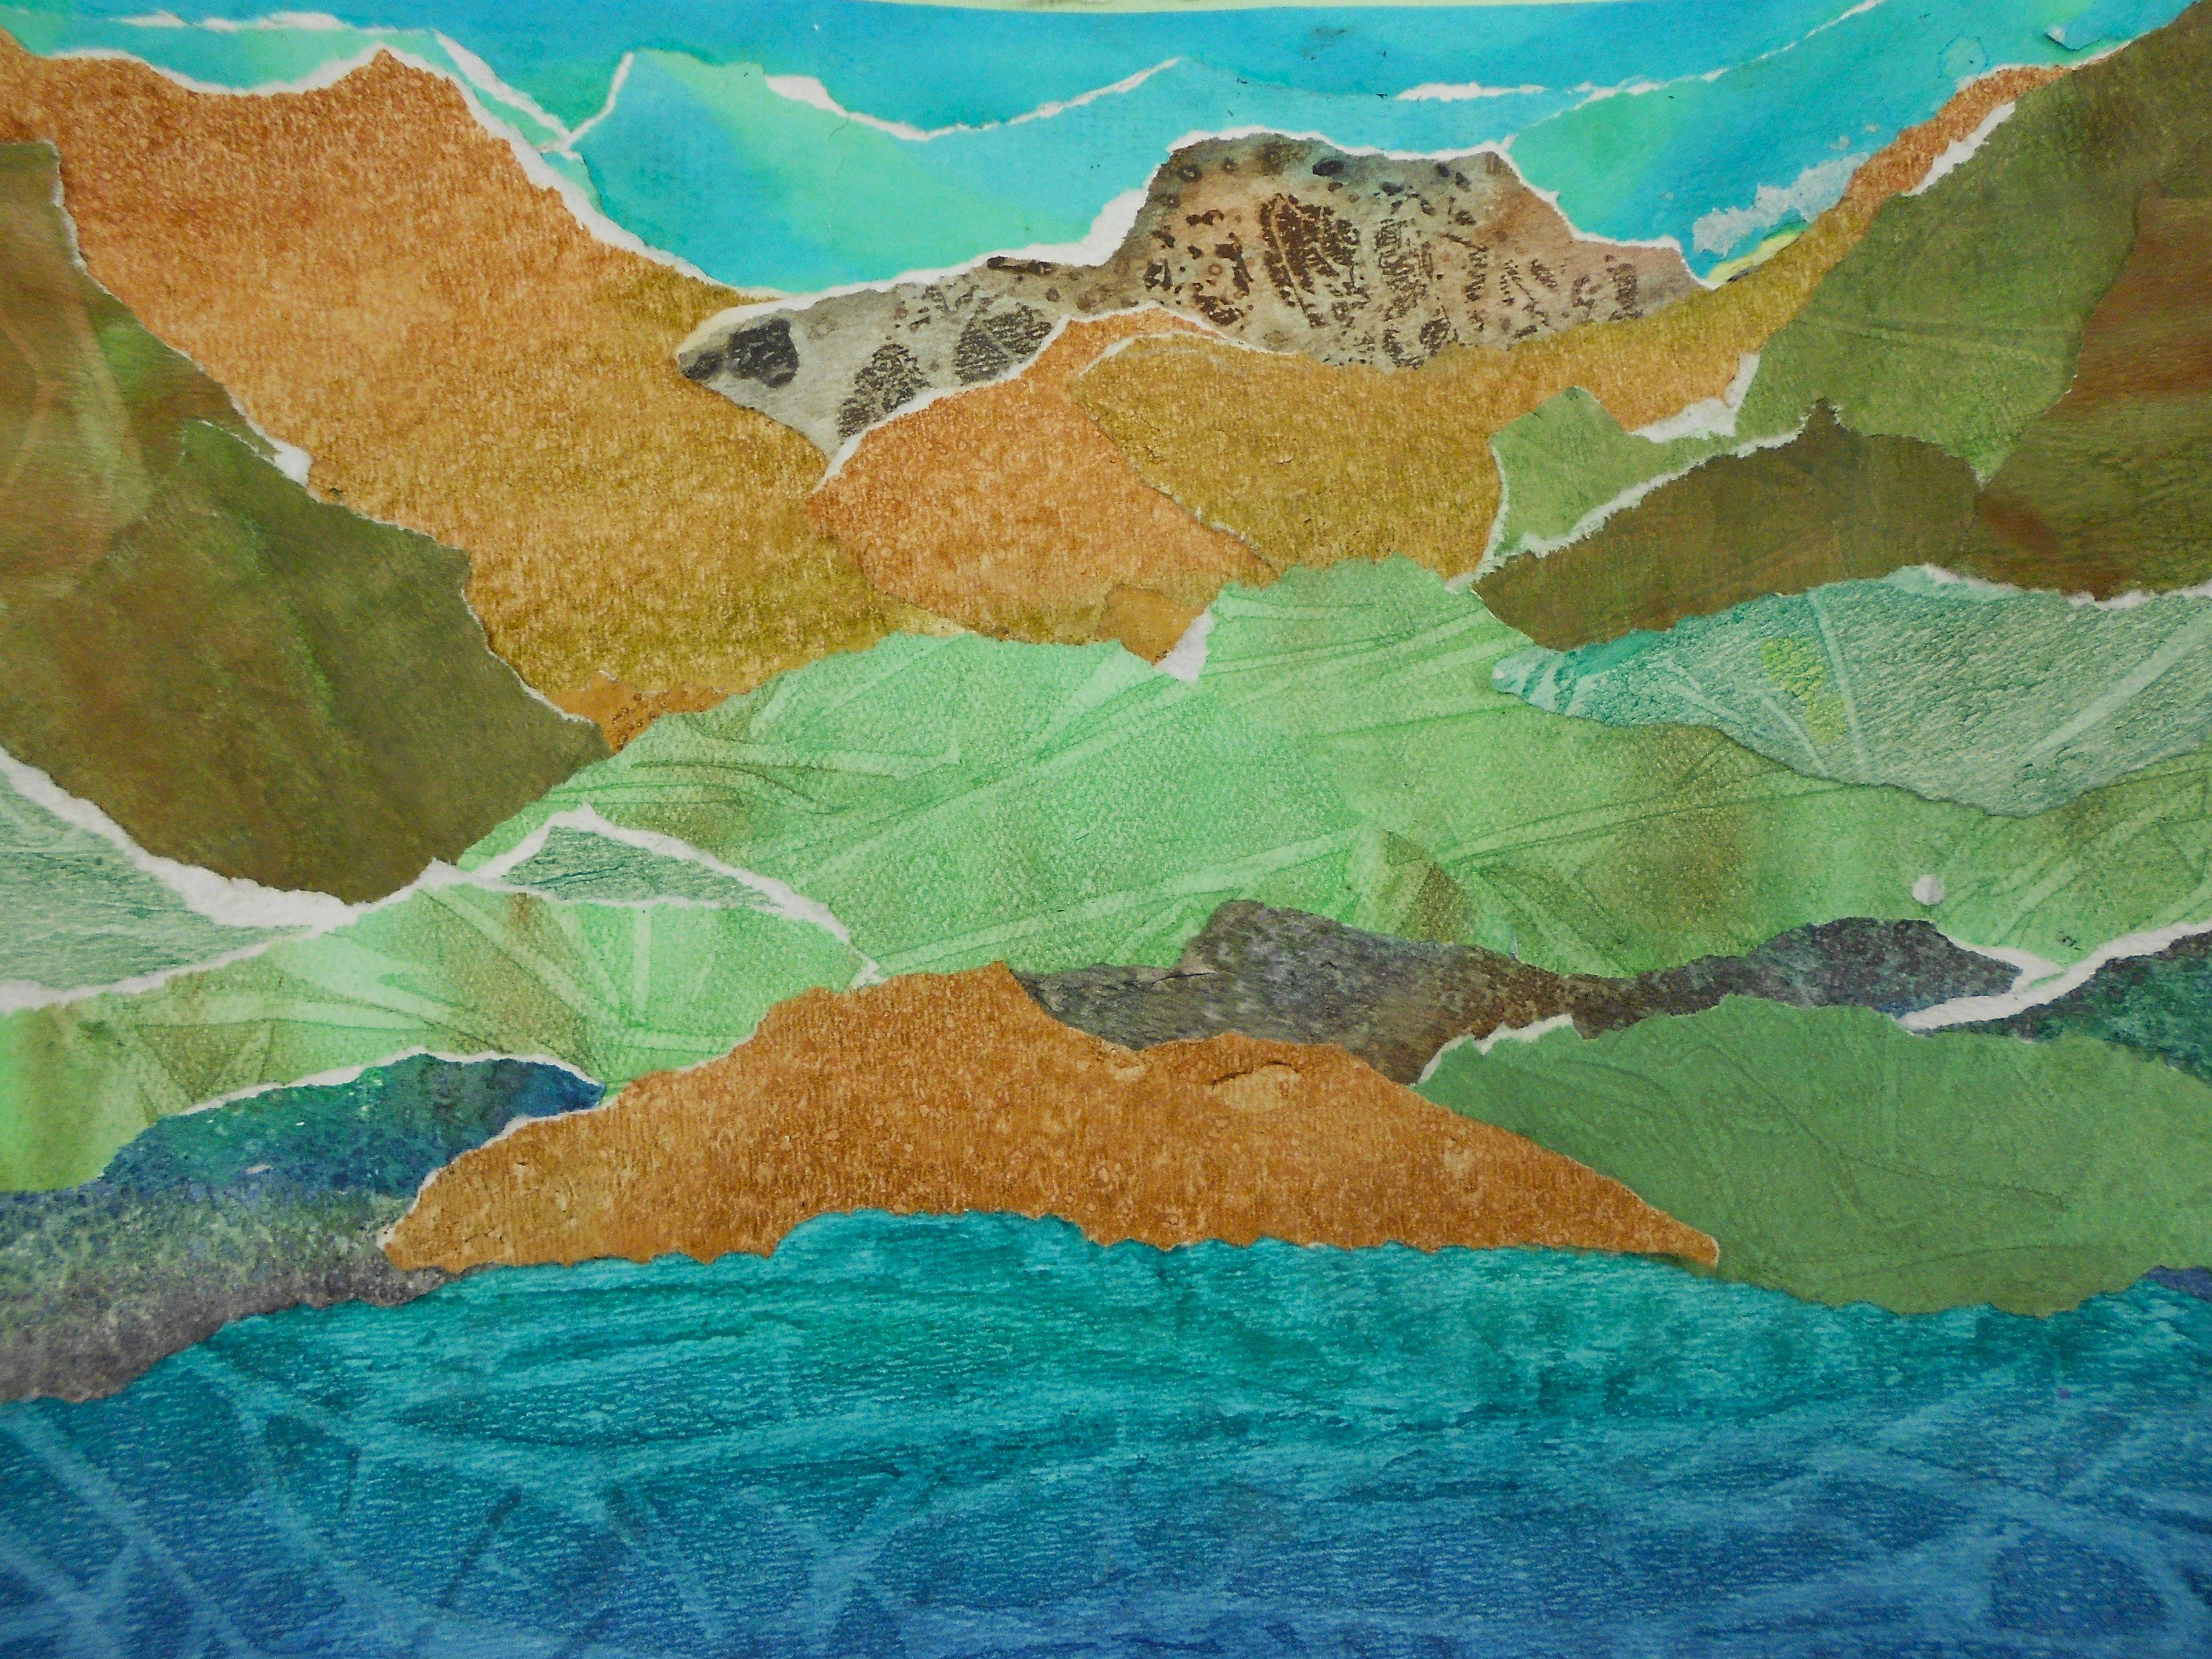 Wc Landscape Collage Grade 8 Student Artwork Landscape